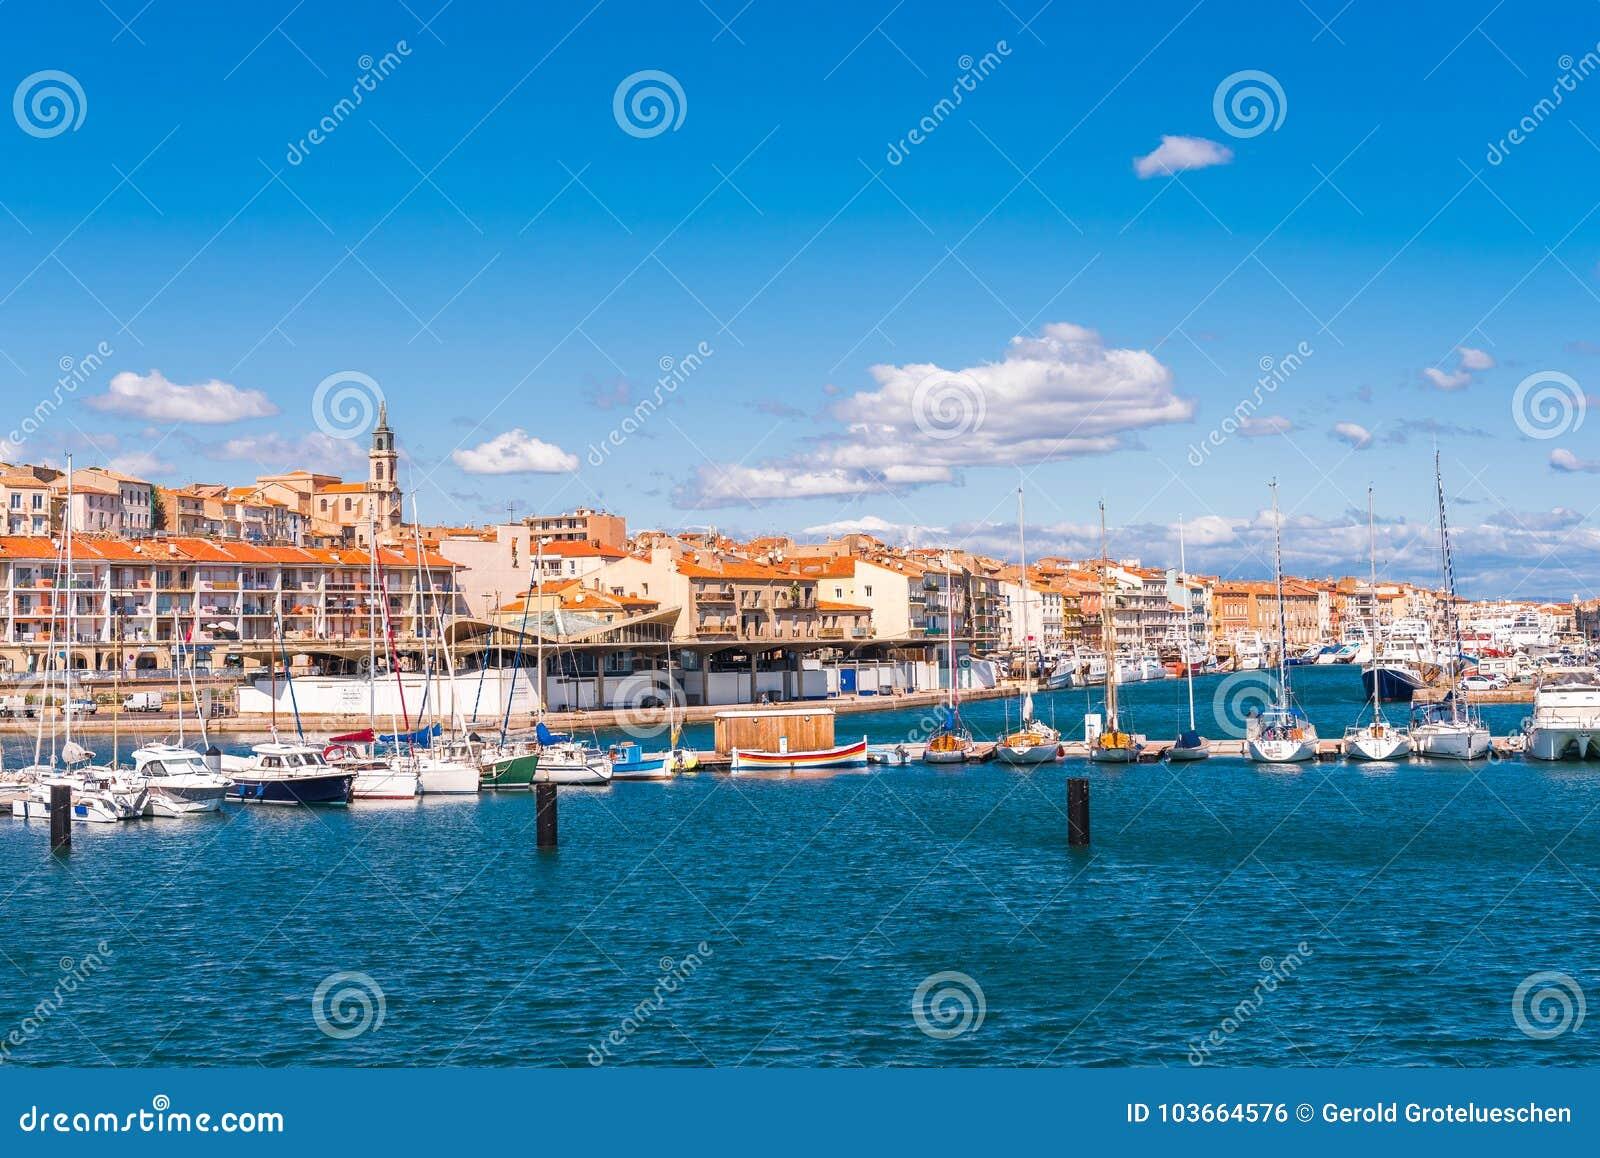 Ansicht des Hafens mit Yachten, Sete, Frankreich Kopieren Sie Raum für Text